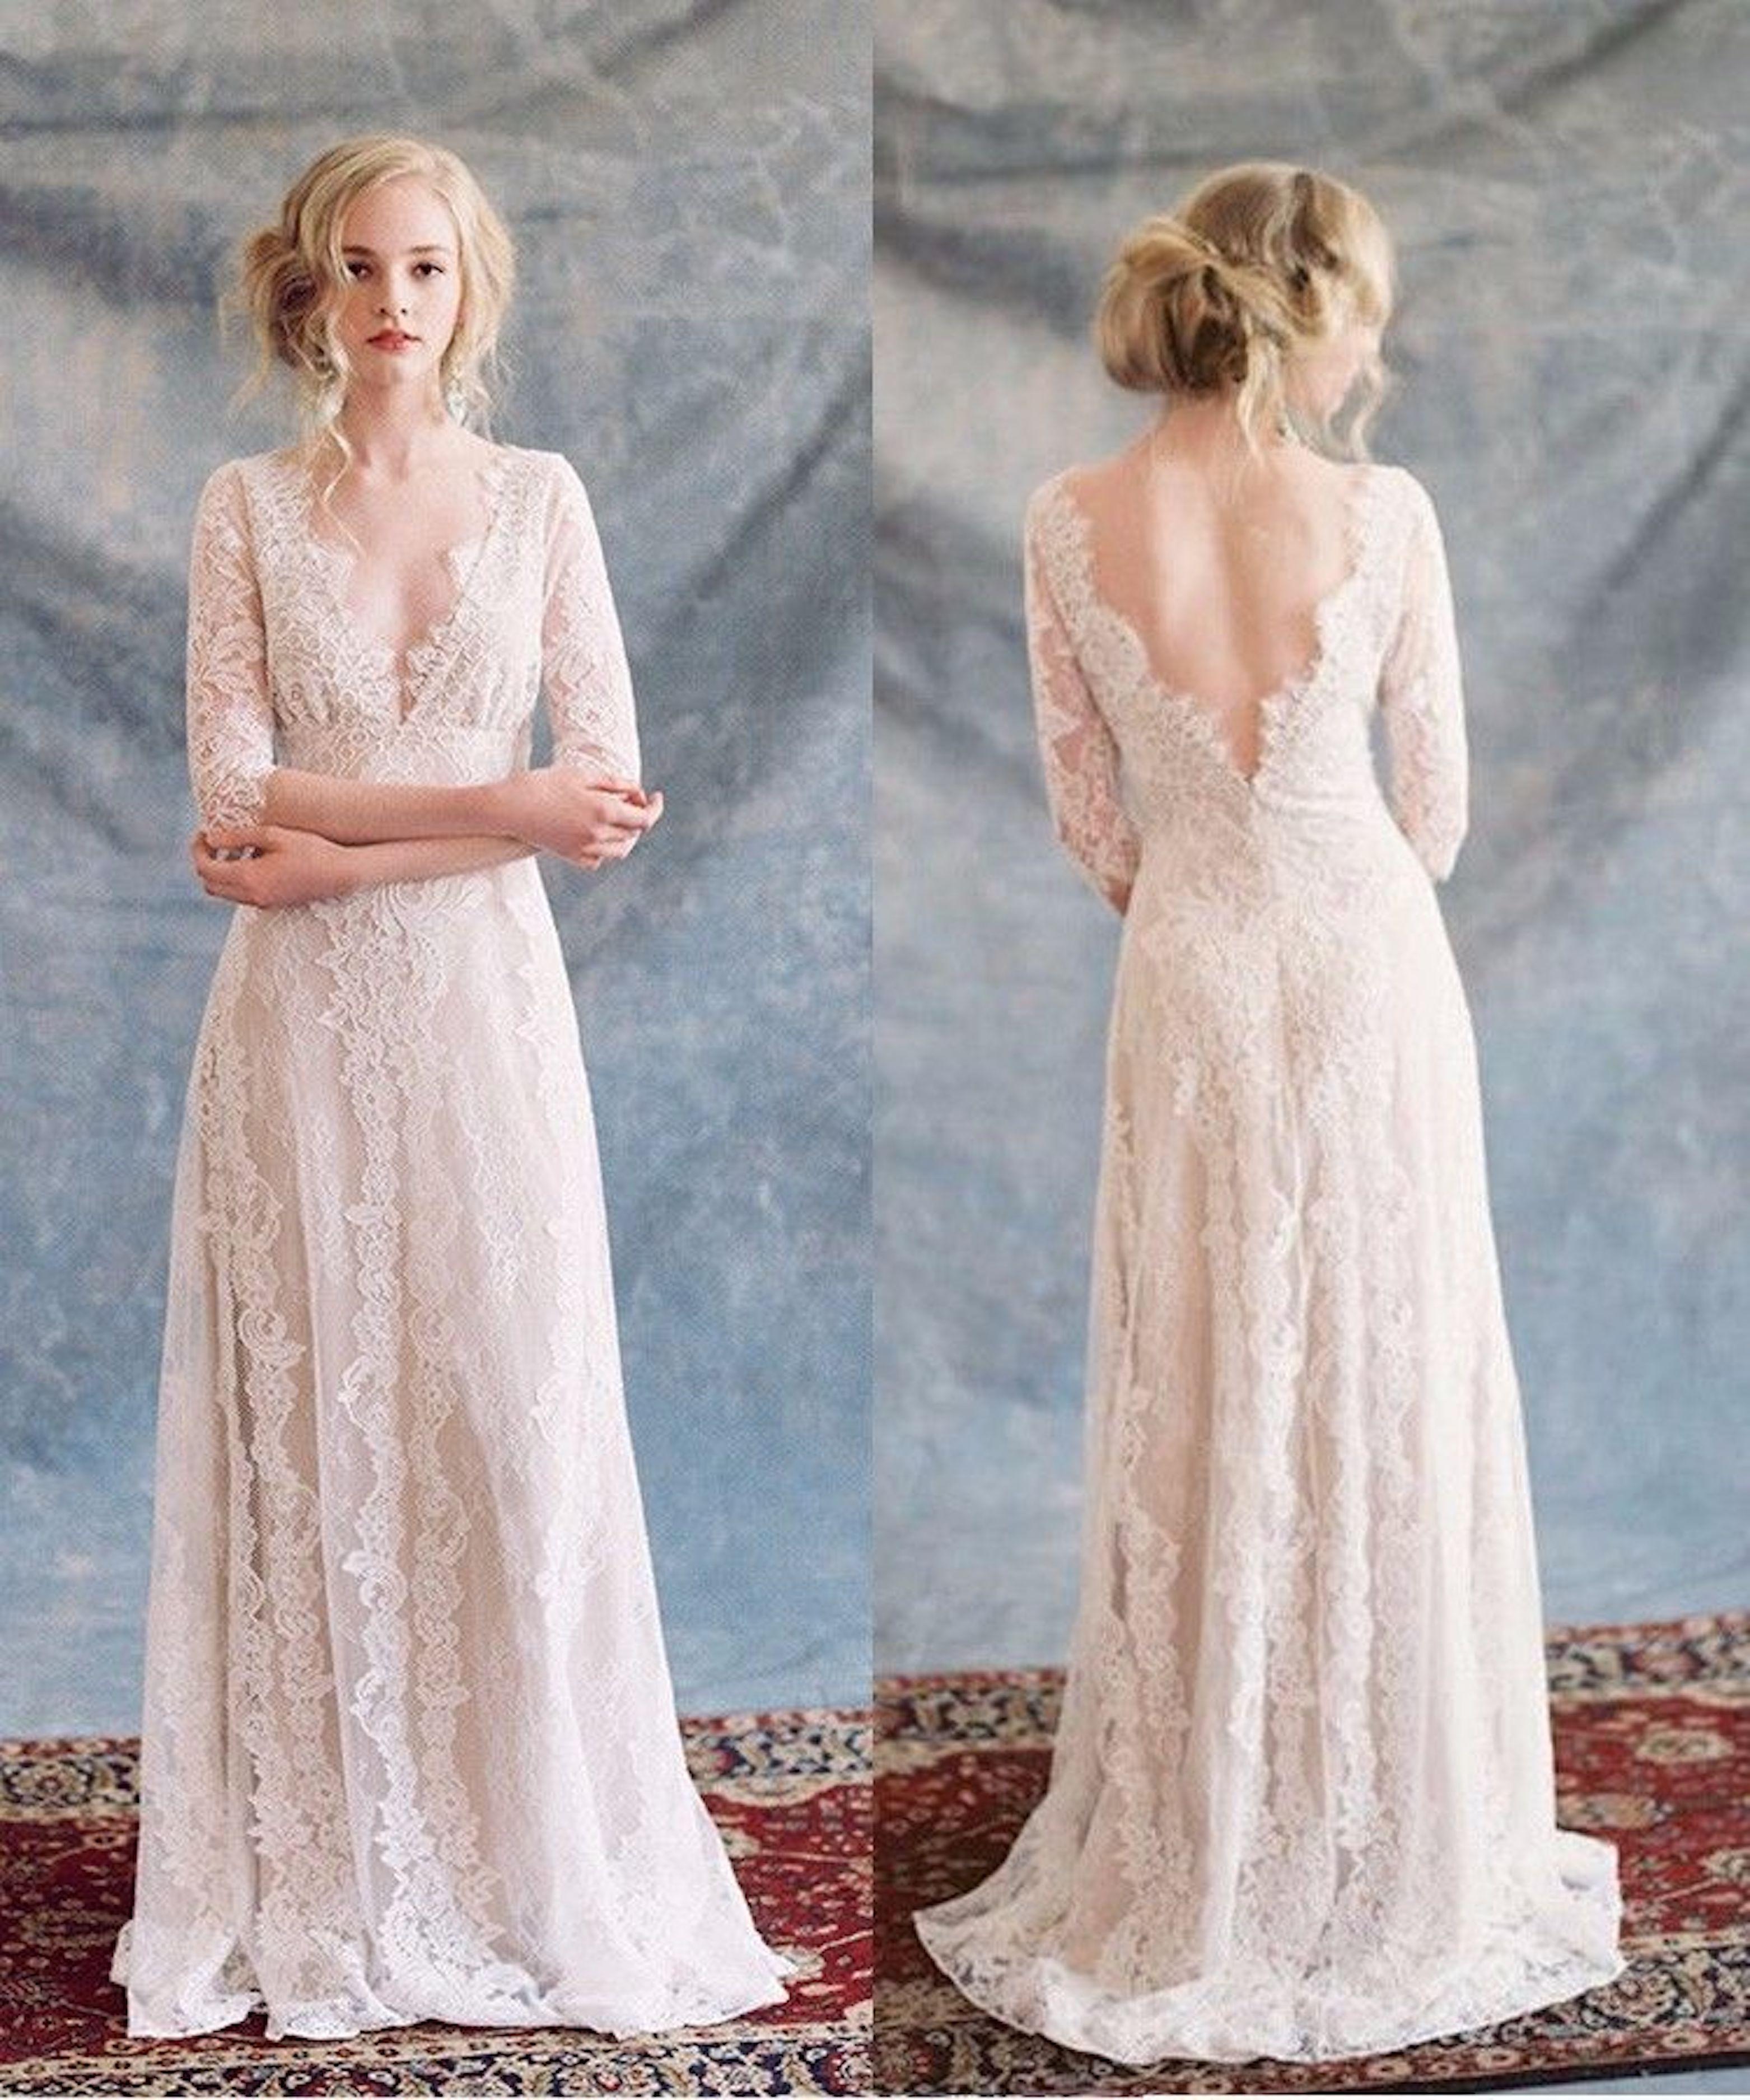 Matrimonio Boho Chic Con Lo Shopping Online è Anche Low Cost